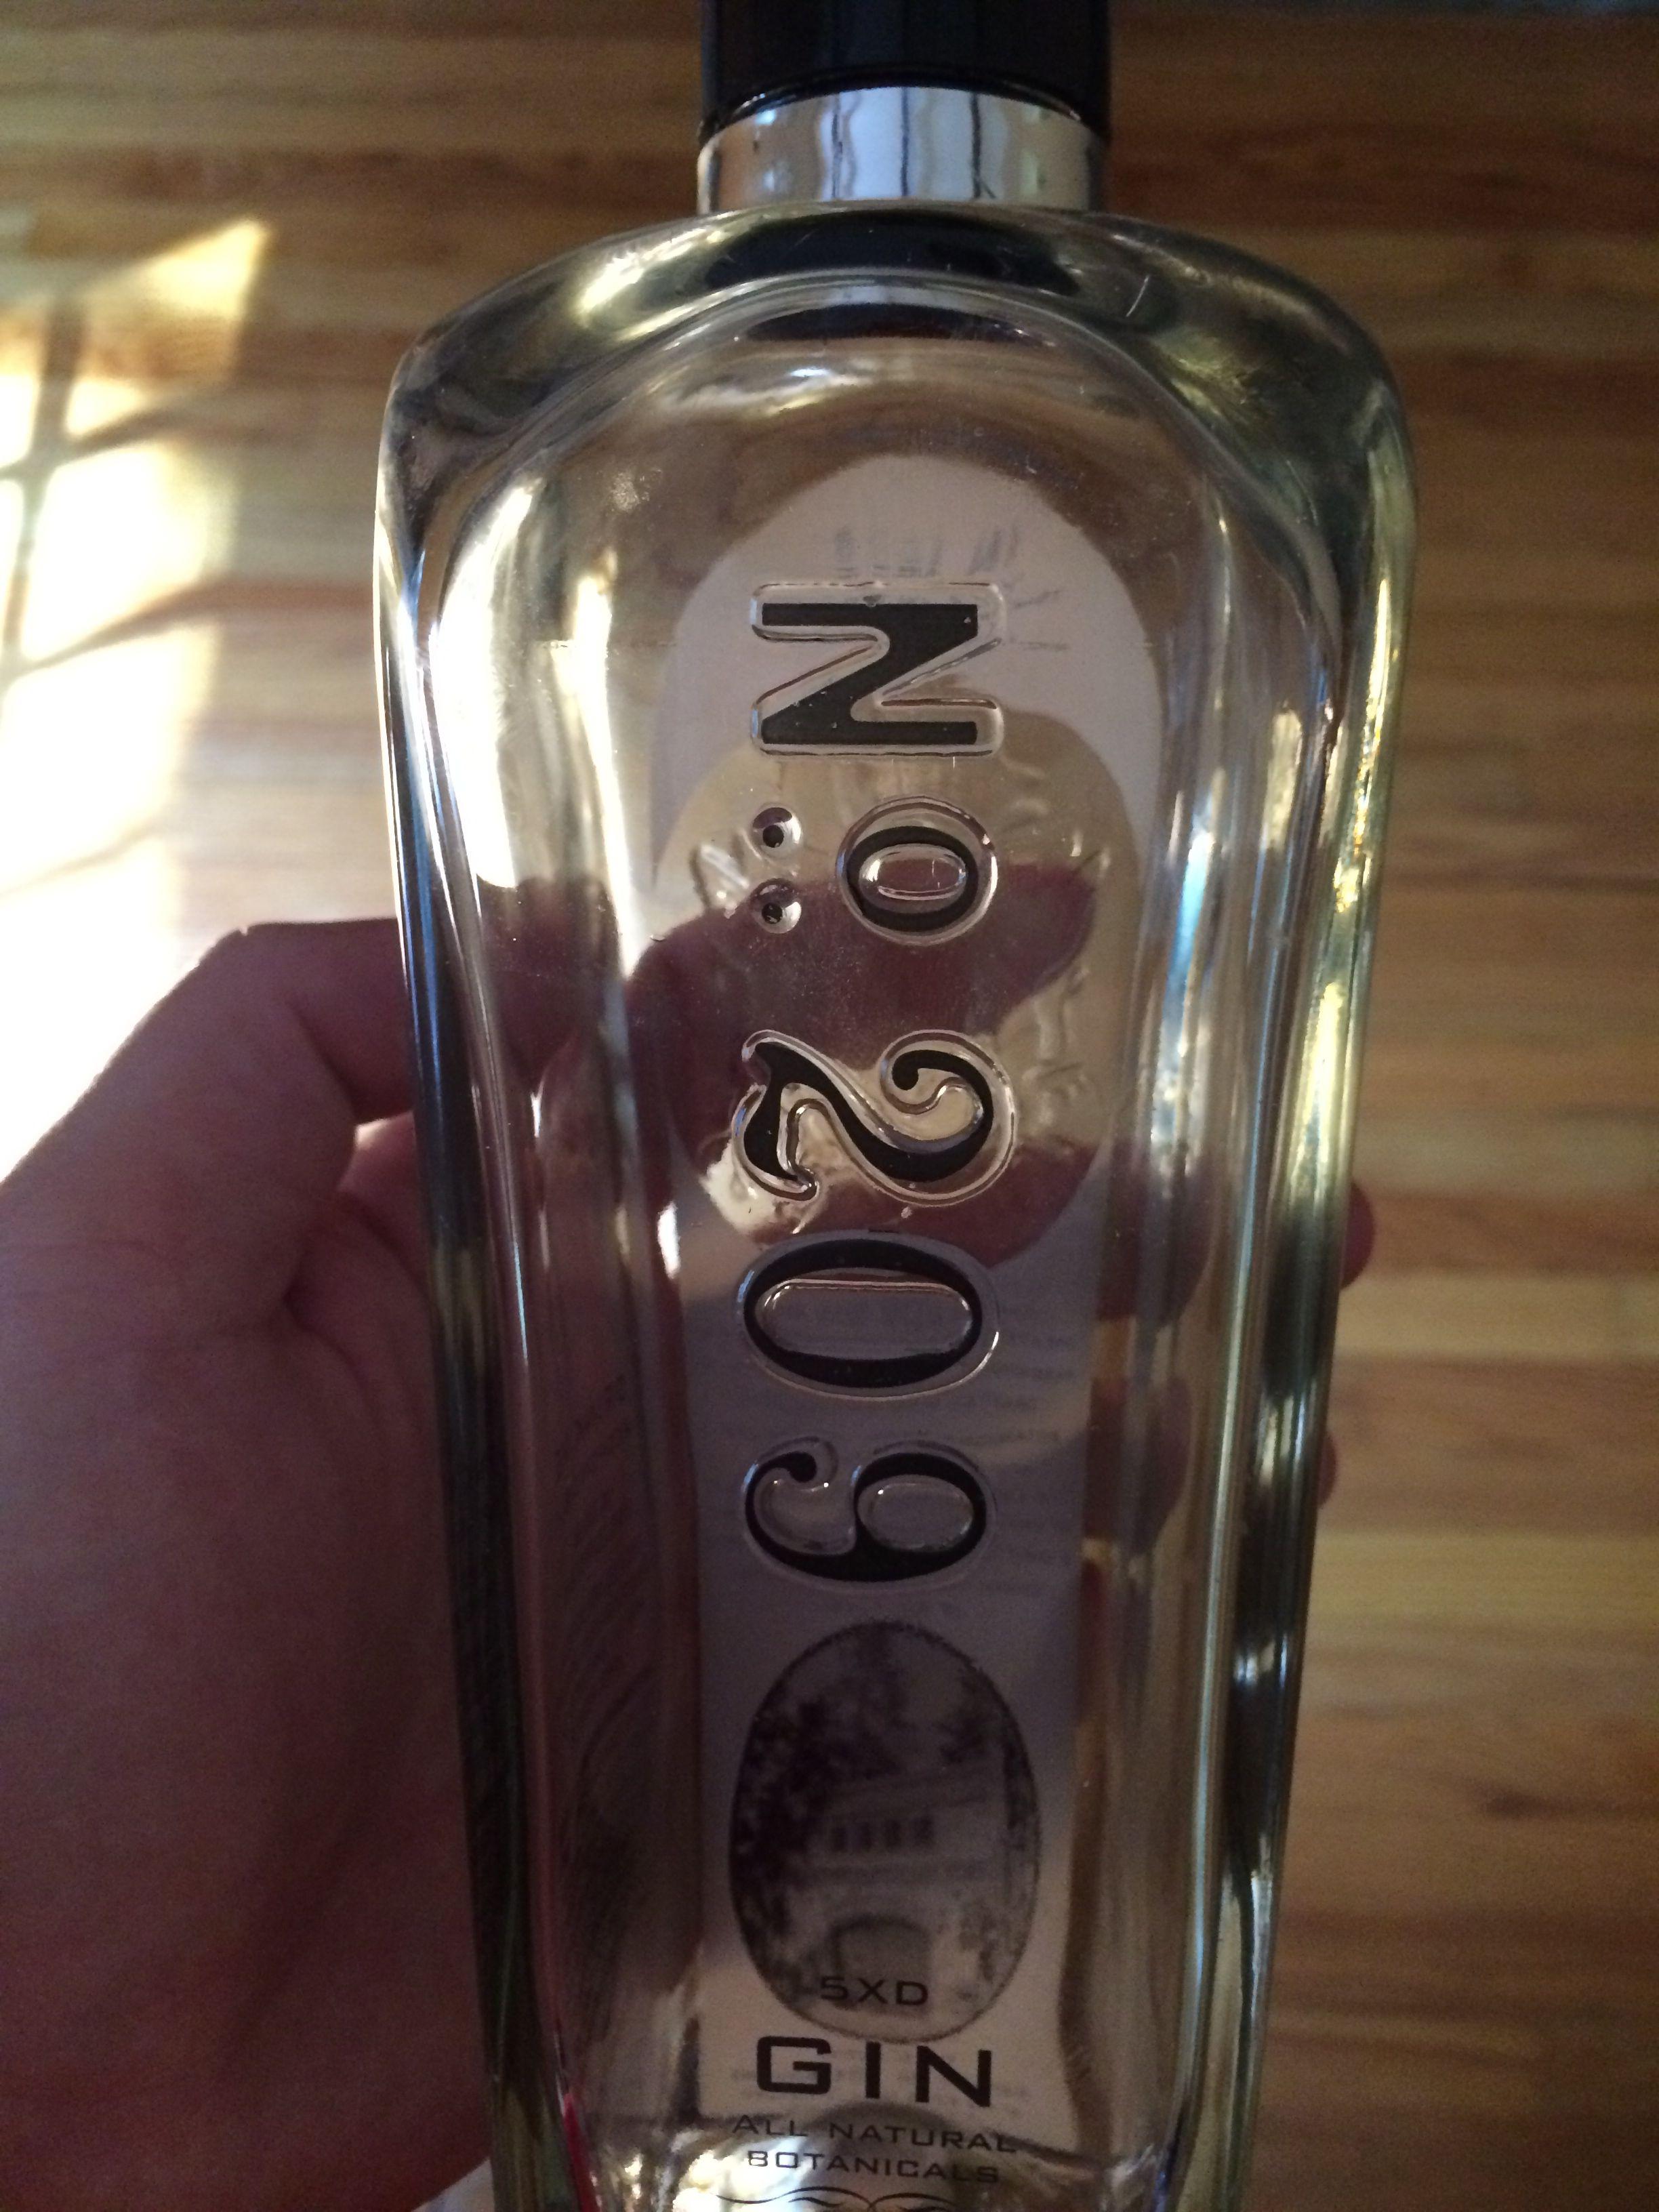 No. 209 gin Gin, Vodka, Vodka bottle